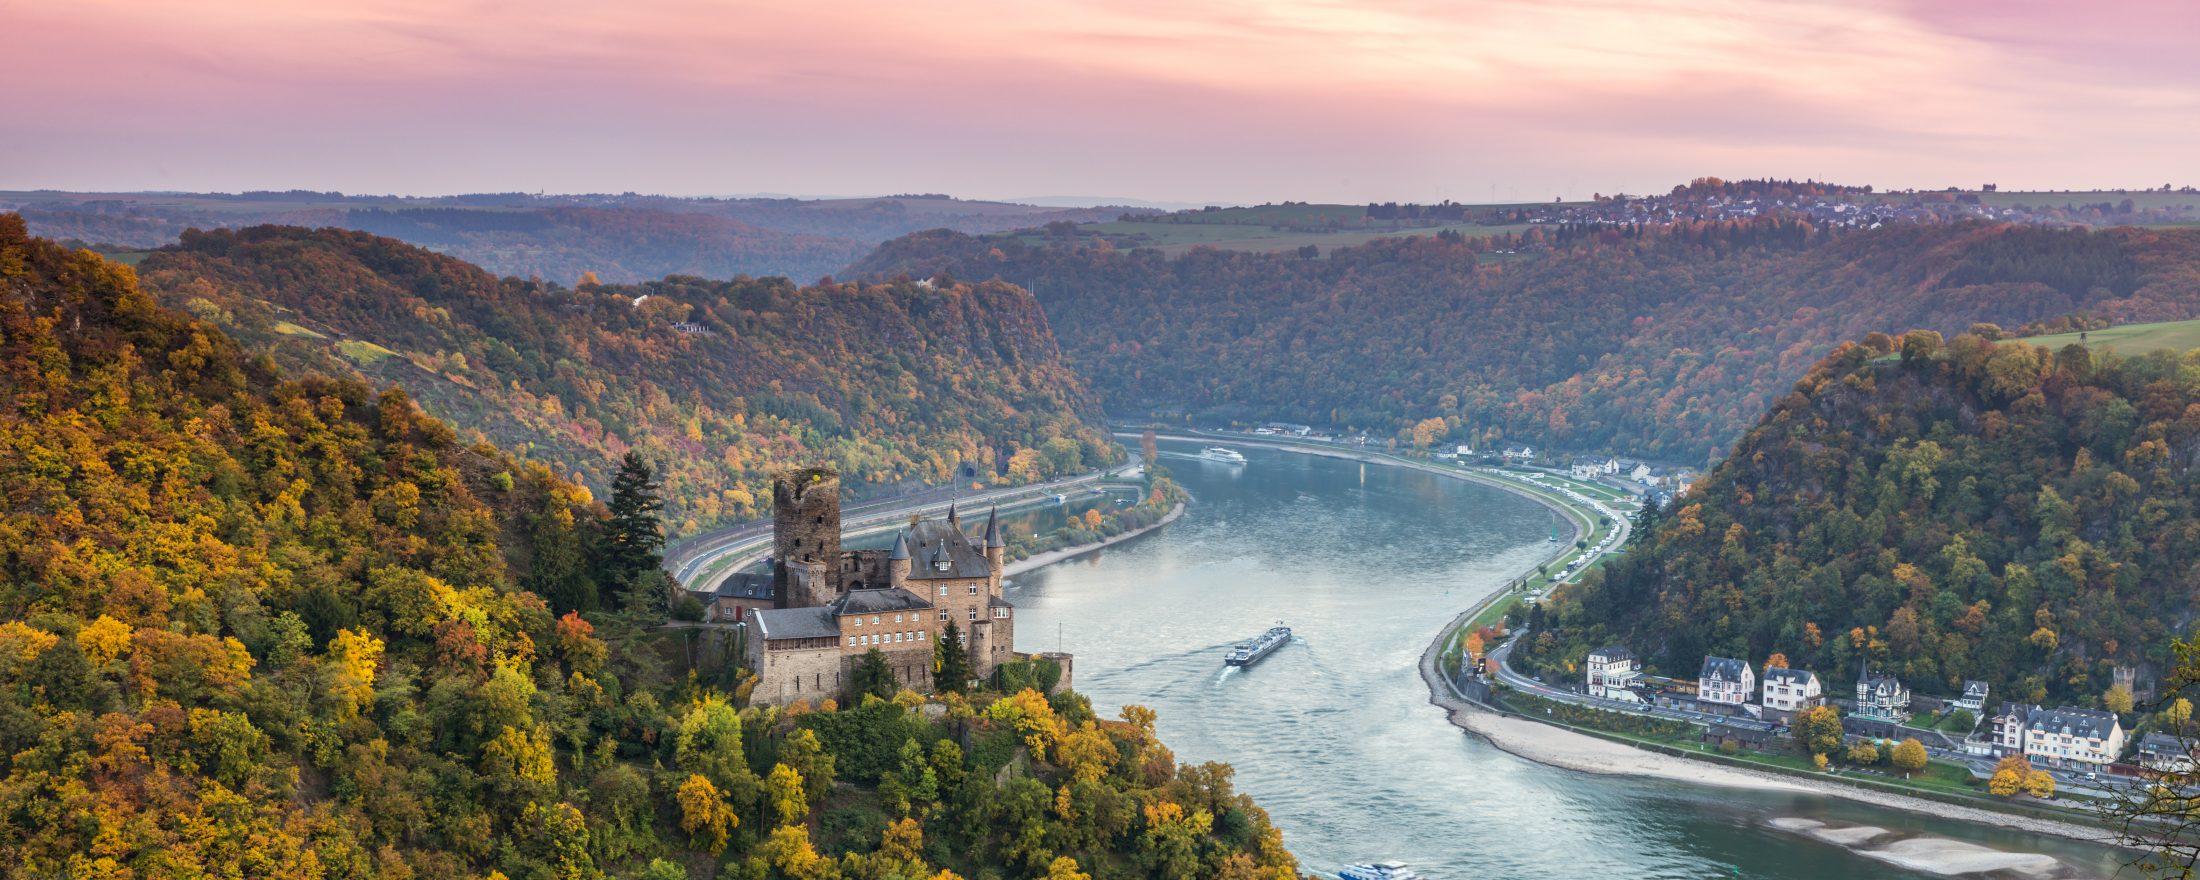 اهم 3 ميزات في نهر الراين سويسرا